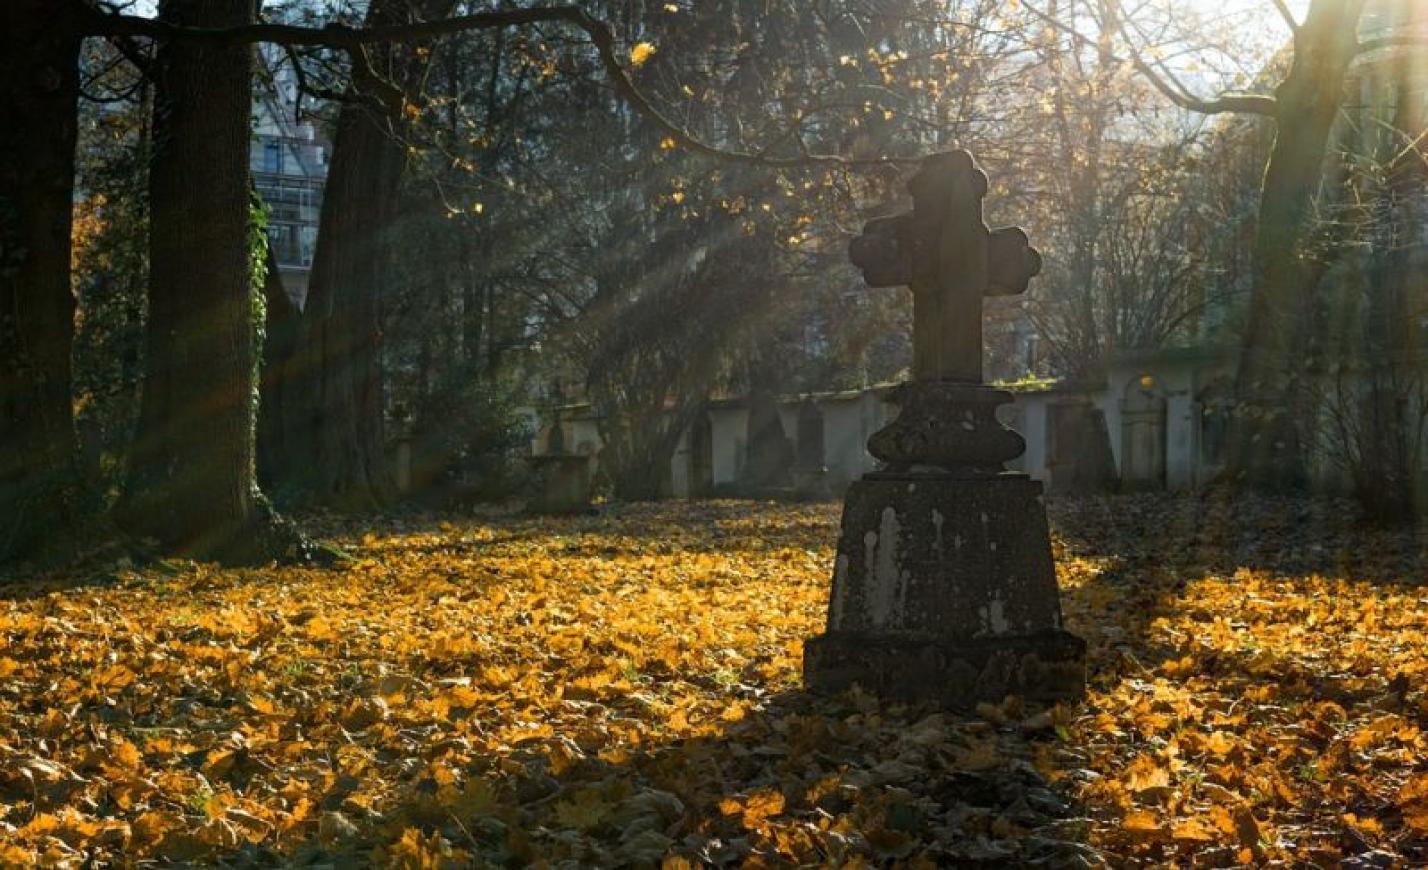 Borzalmas: meghalt a sírásó, aki véletlenül élve temette el magát